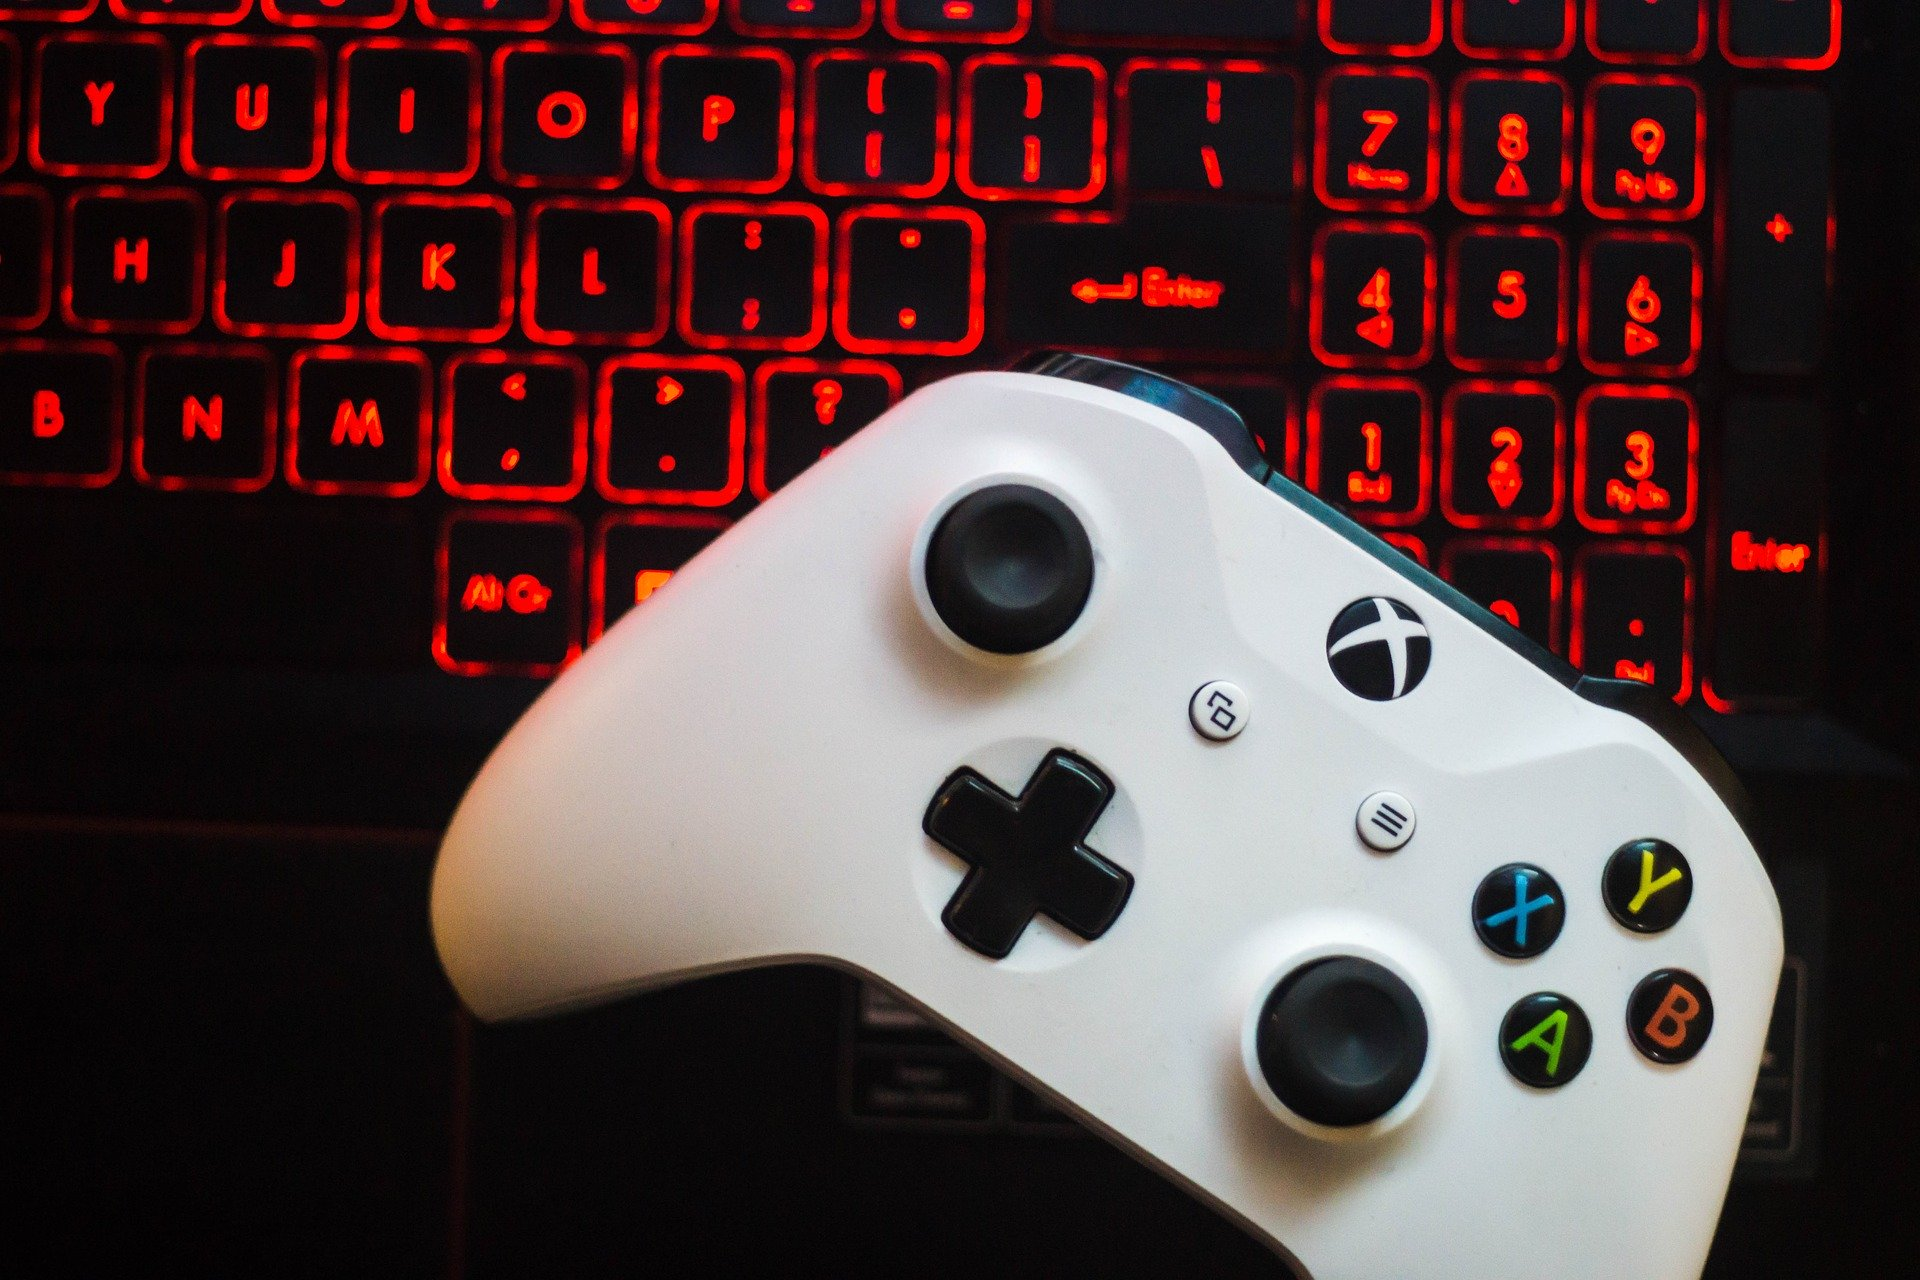 Belgique et jeux vidéo: la boîte à butin revêt un caractère illégal